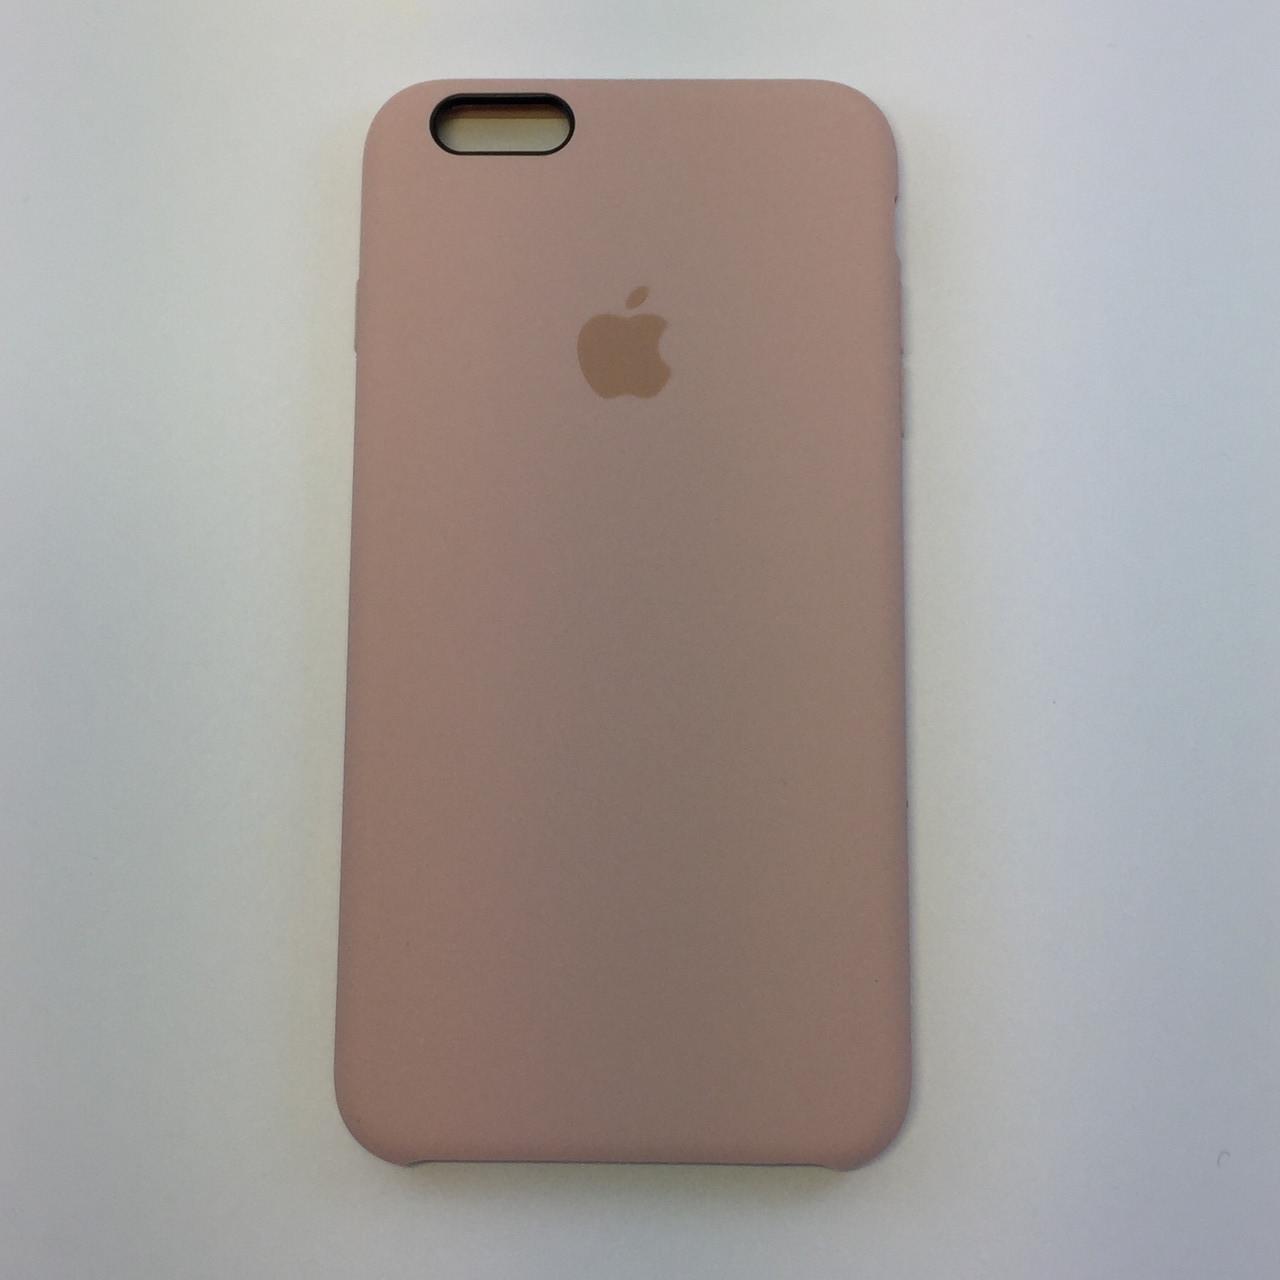 Силиконовый чехол iPhone 6 Plus / 6s Plus, пудра - pink send, copy original